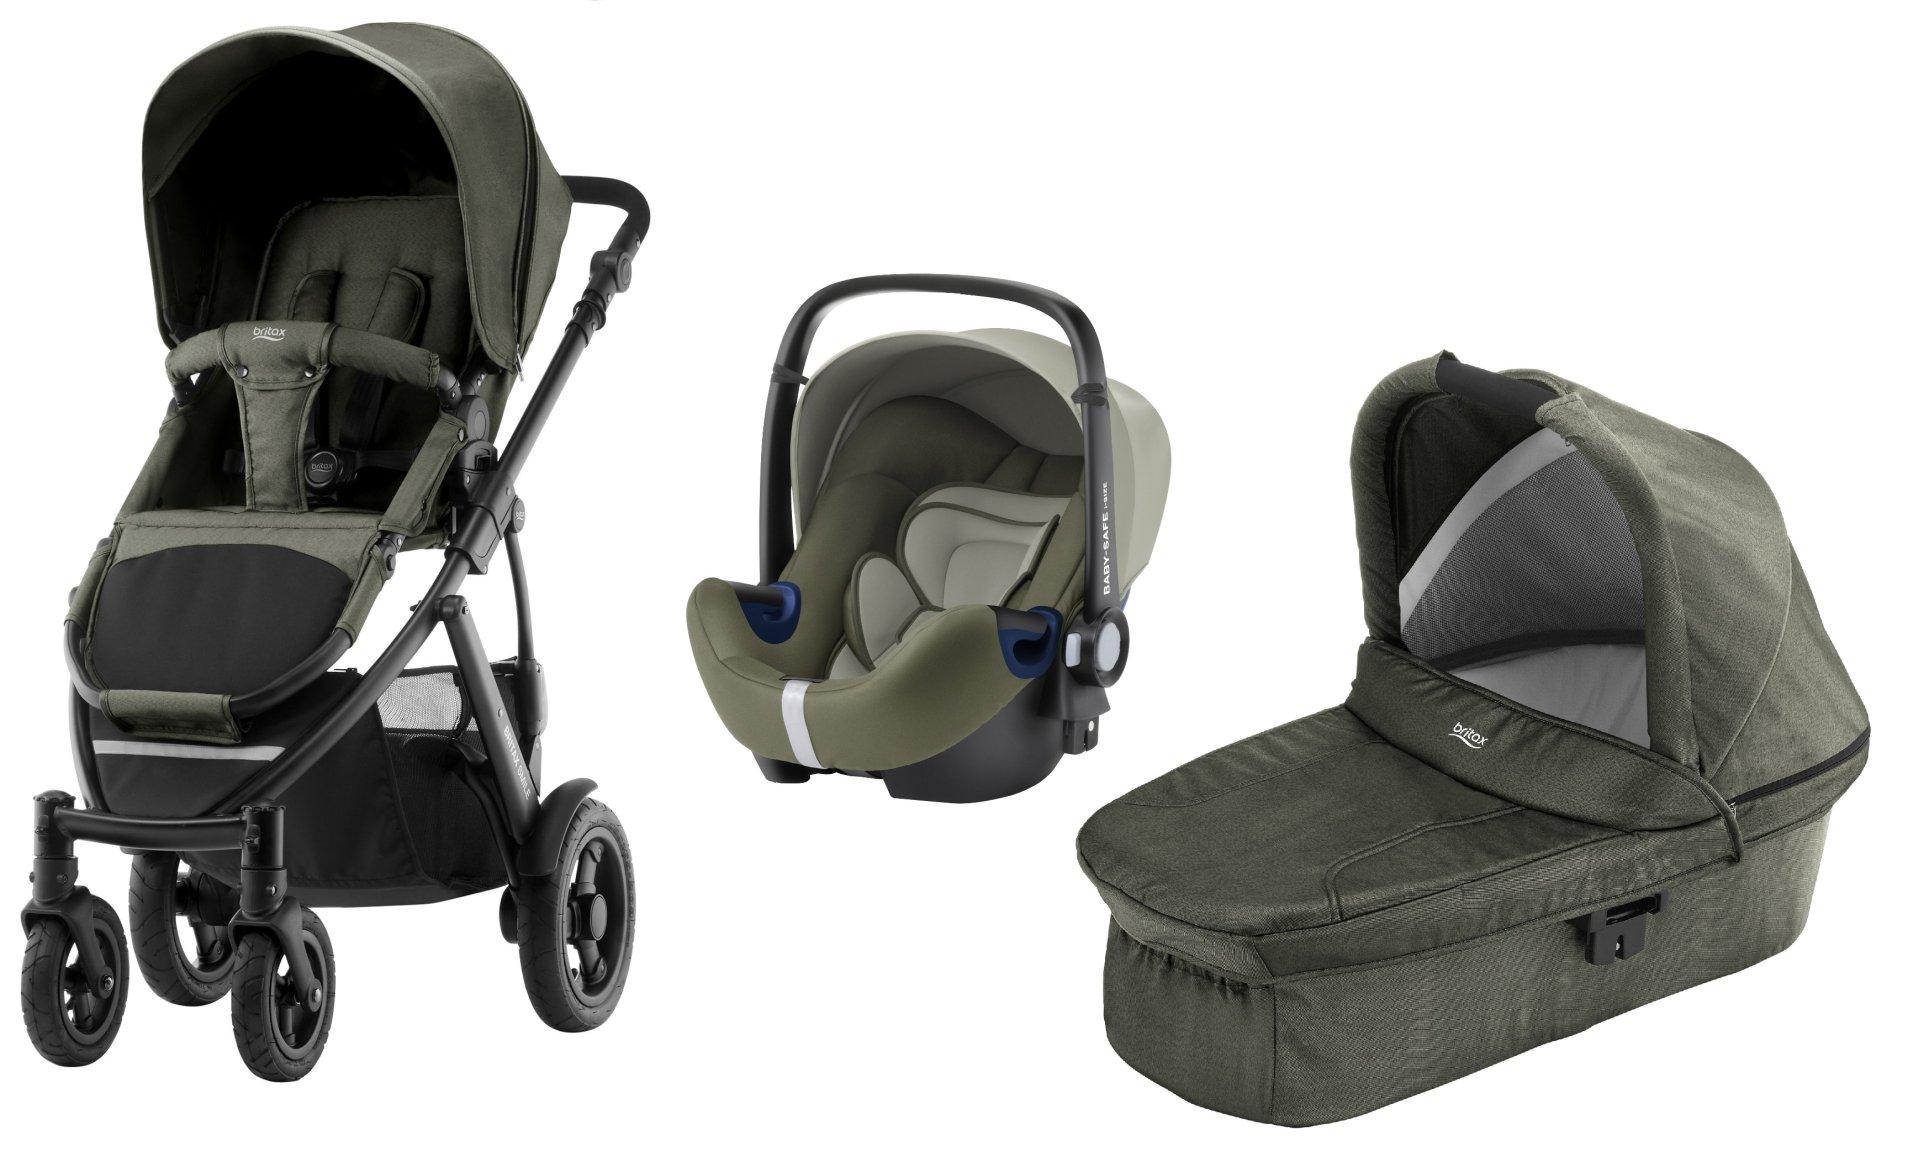 britax r mer smile 2 inkl hard carrycot babyschale baby safe 2 i size 2019 olive denim online. Black Bedroom Furniture Sets. Home Design Ideas